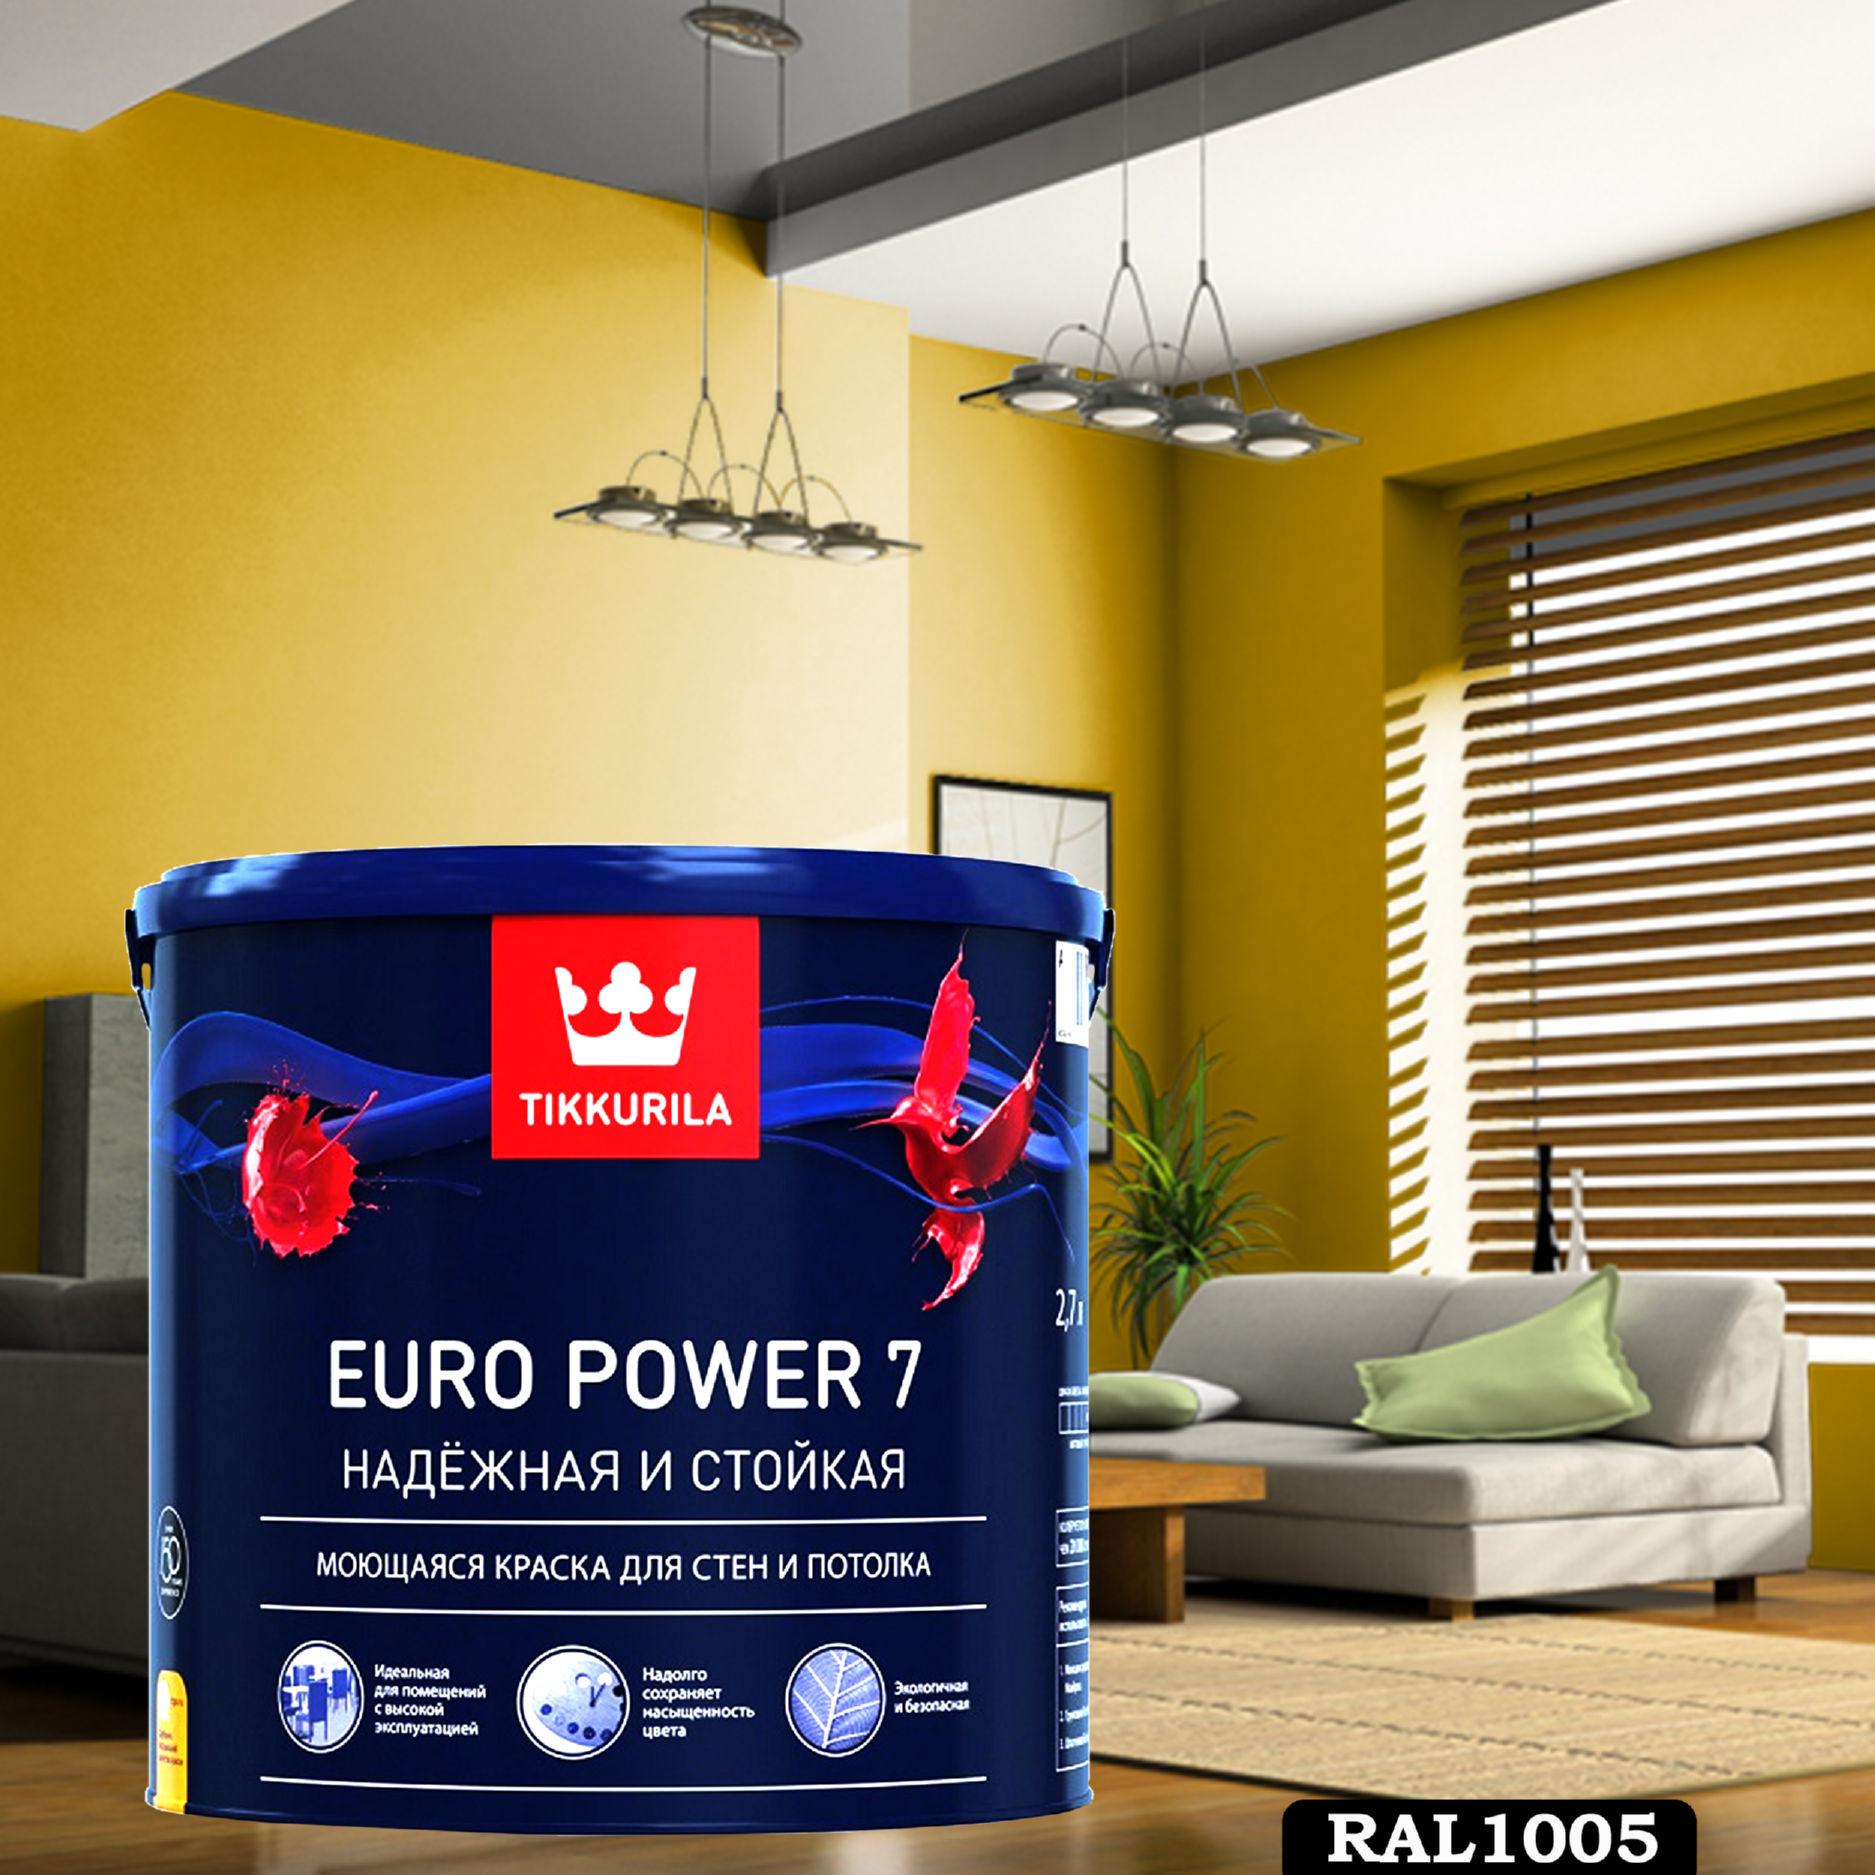 Фото 6 - Краска TIKKURILA Euro Power 7,  RAL 1005 Медово-жёлтый, латексная моющаяся матовая интерьерная, 9 л.